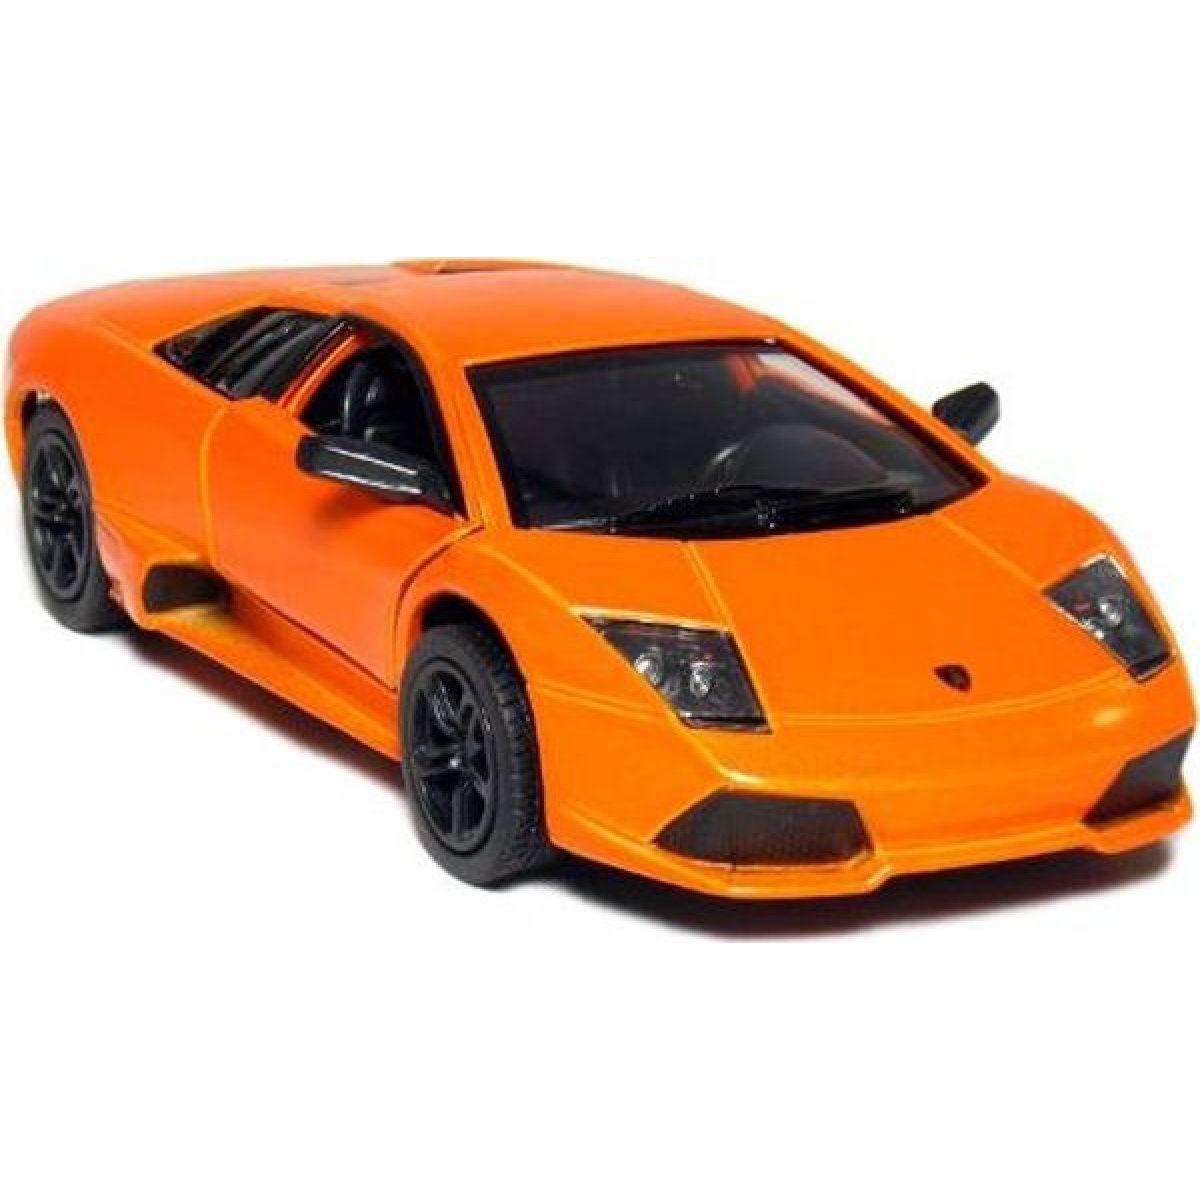 Kinsmart Auto Lamborghini Murciélago kov 12,5cm na zpětné natažení - Oranžová